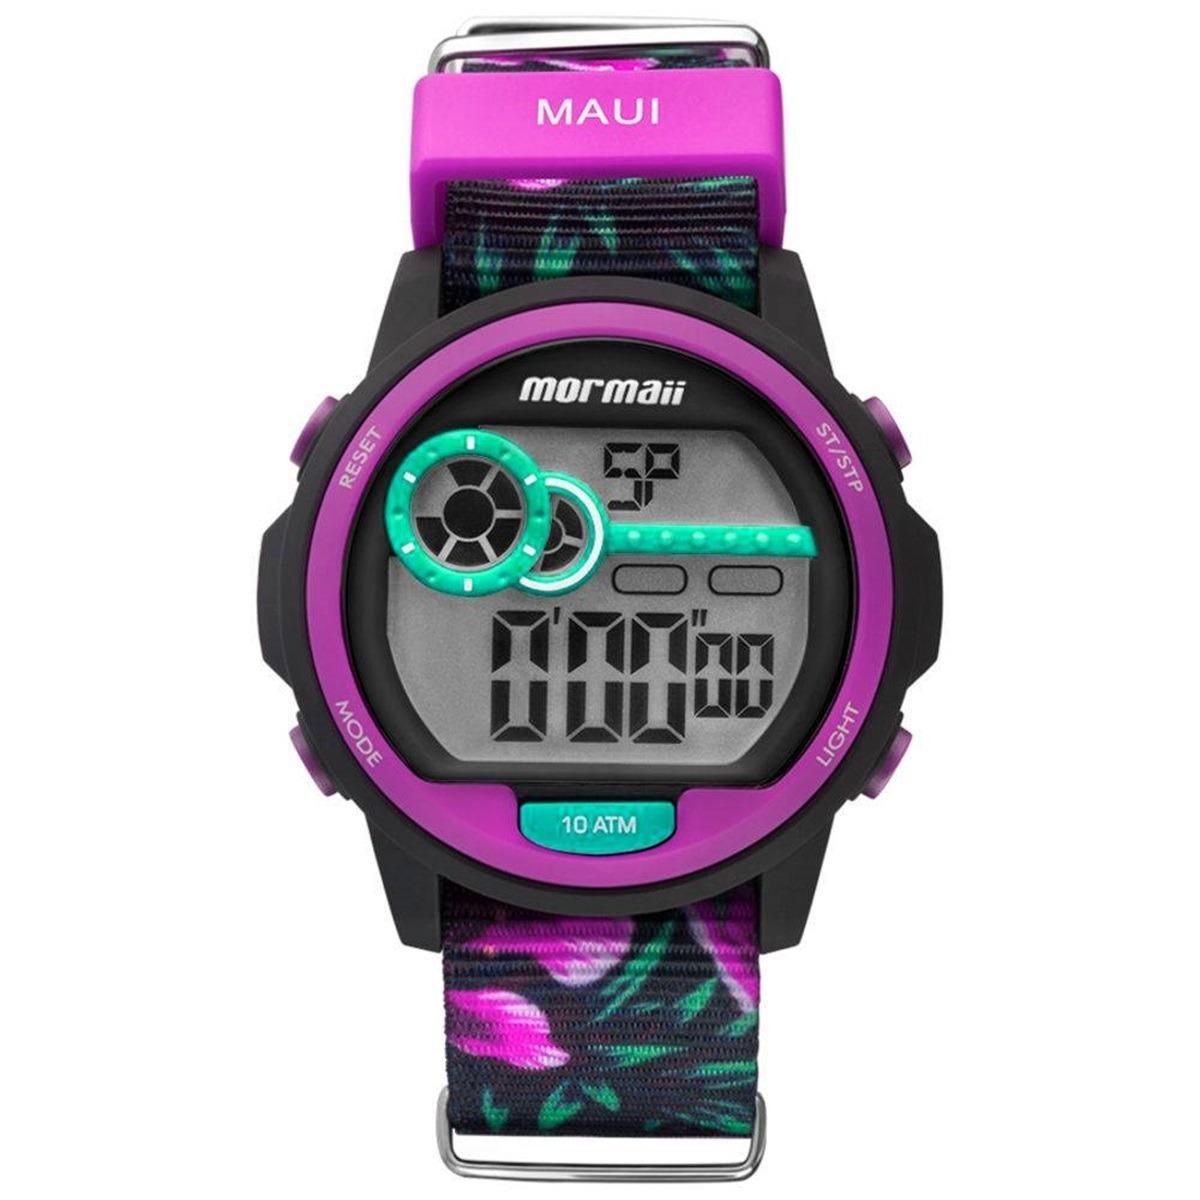 relógio mormaii digital feminino esportivo 10 atm mo1462 2t. Carregando  zoom. 94384d8be9